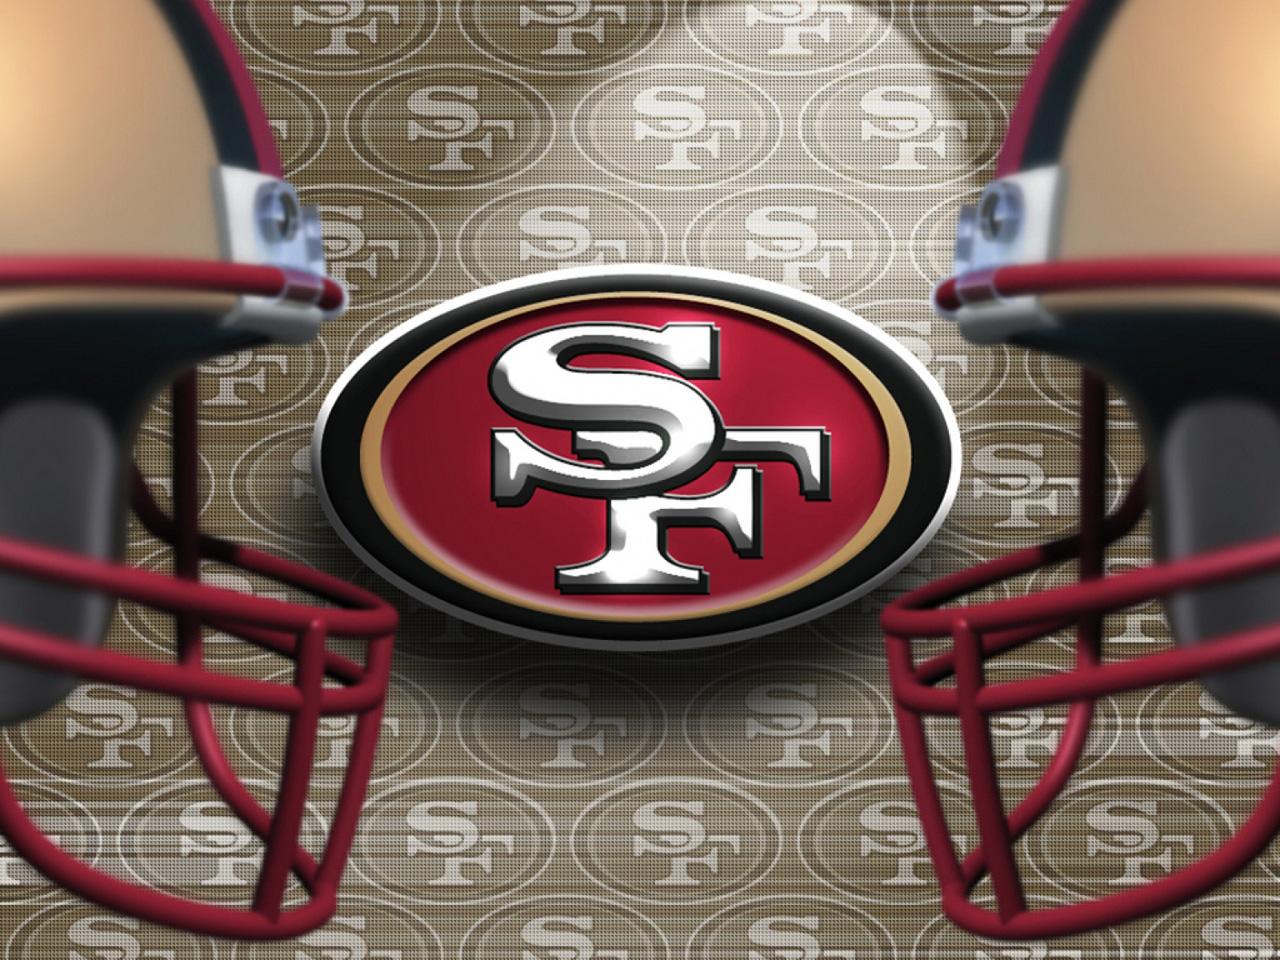 San Francisco 49ers HD Wallpaper 1280x960 pixel Popular HD Wallpaper 1280x960